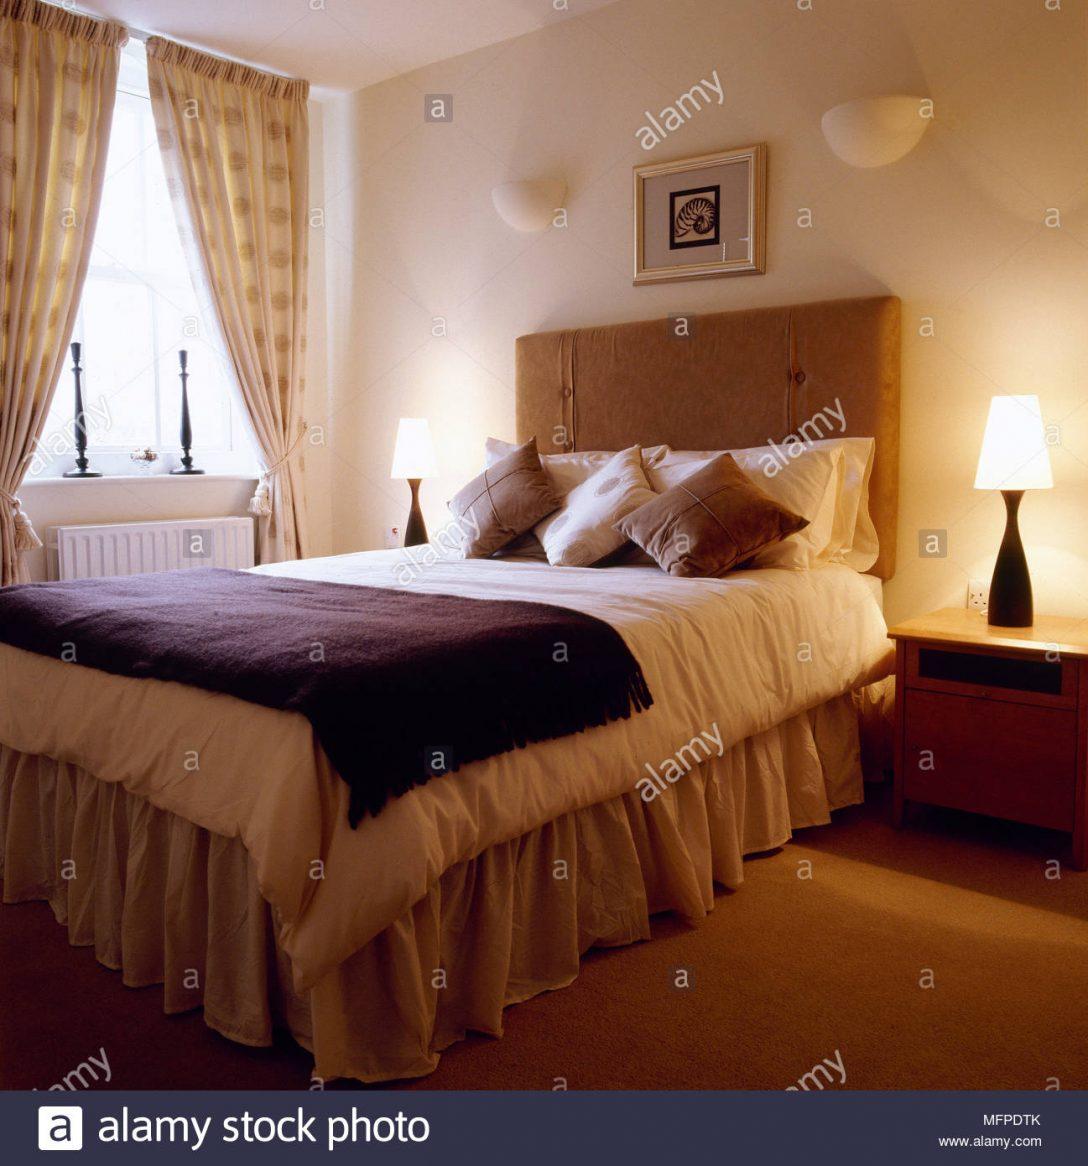 Large Size of Bett Mit Gepolstertem Kopfteil Traditionelle Schlafzimmer Detail Aus Einem 120 X 200 Stapelbar Betten Schubladen Bettkasten 90x200 Roba Platzsparend Set Bett Bett Mit Gepolstertem Kopfteil